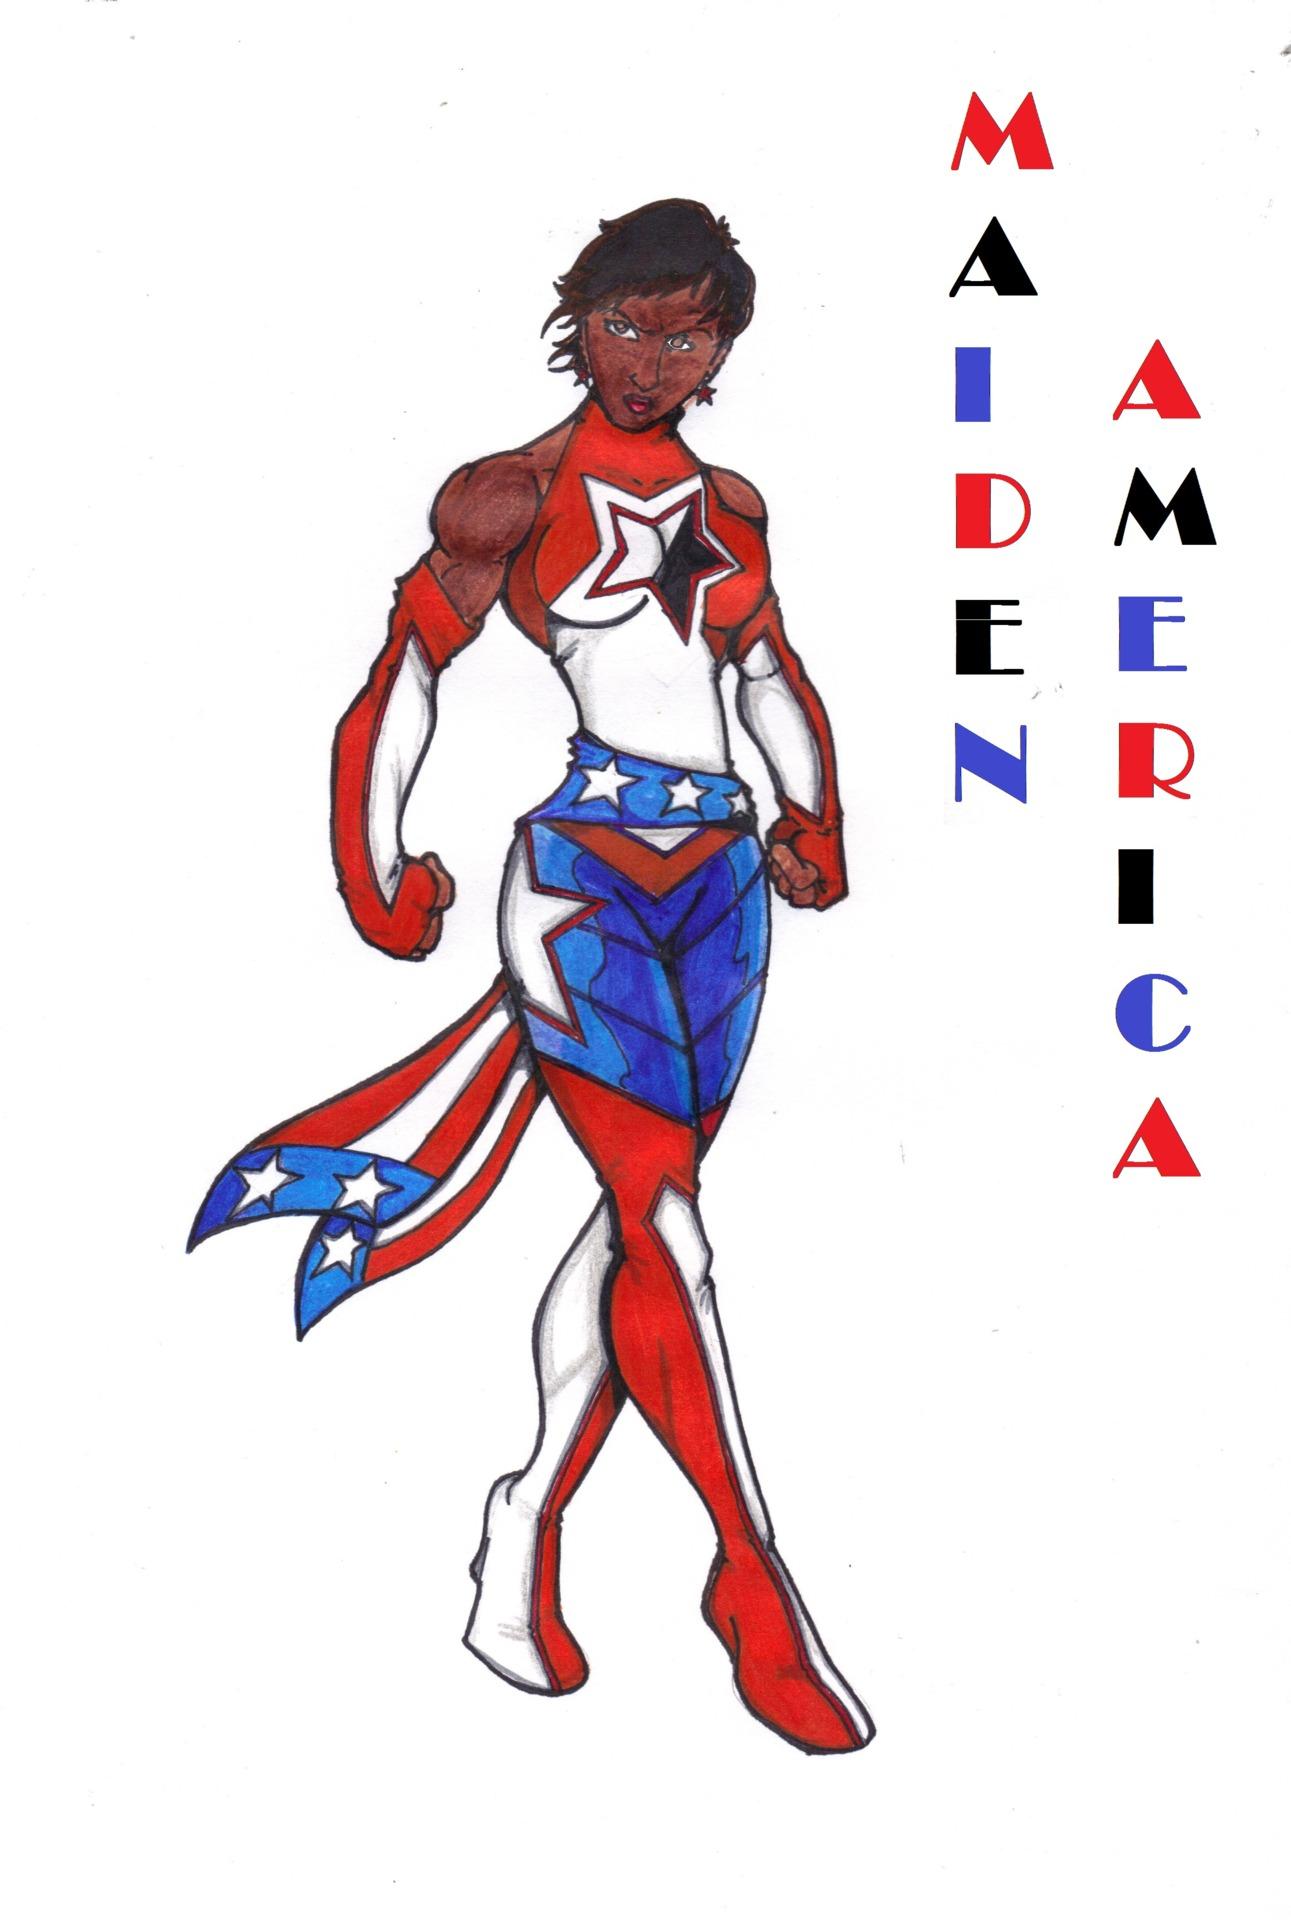 FrischDVH - 'Maiden America'